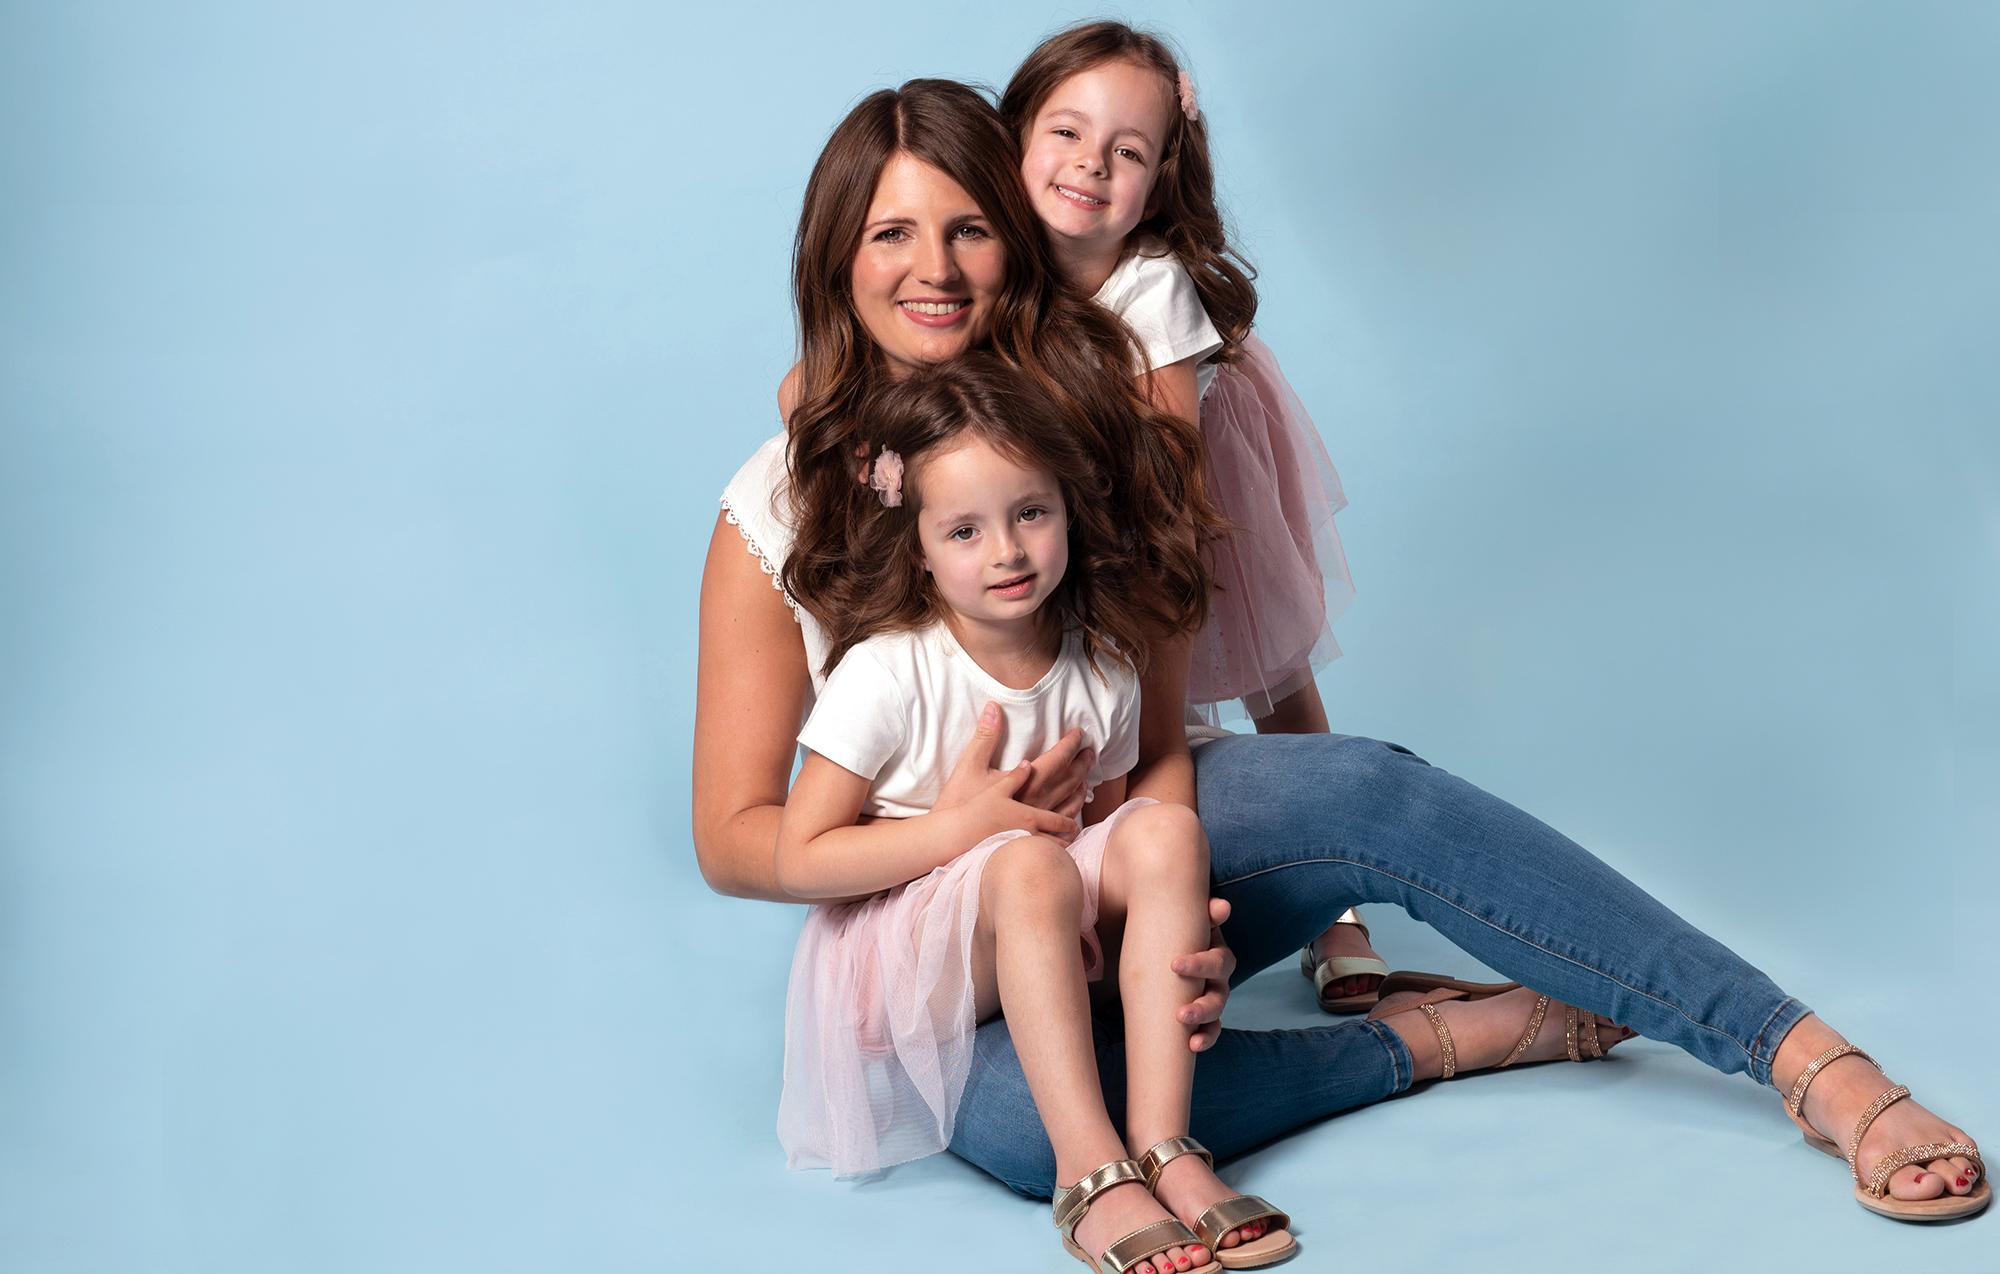 familien-fotoshooting-siegen-bg21612879411